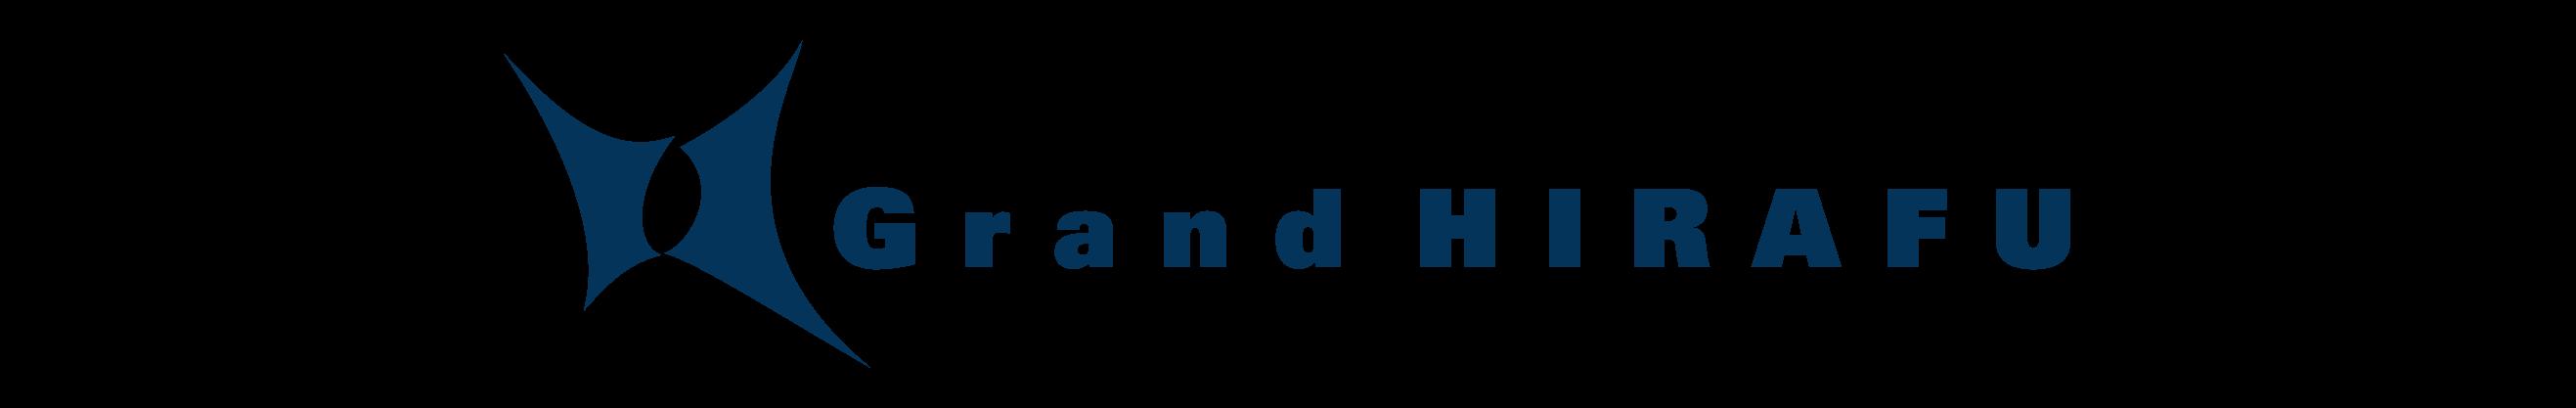 Web sponsor banner grandhirafu